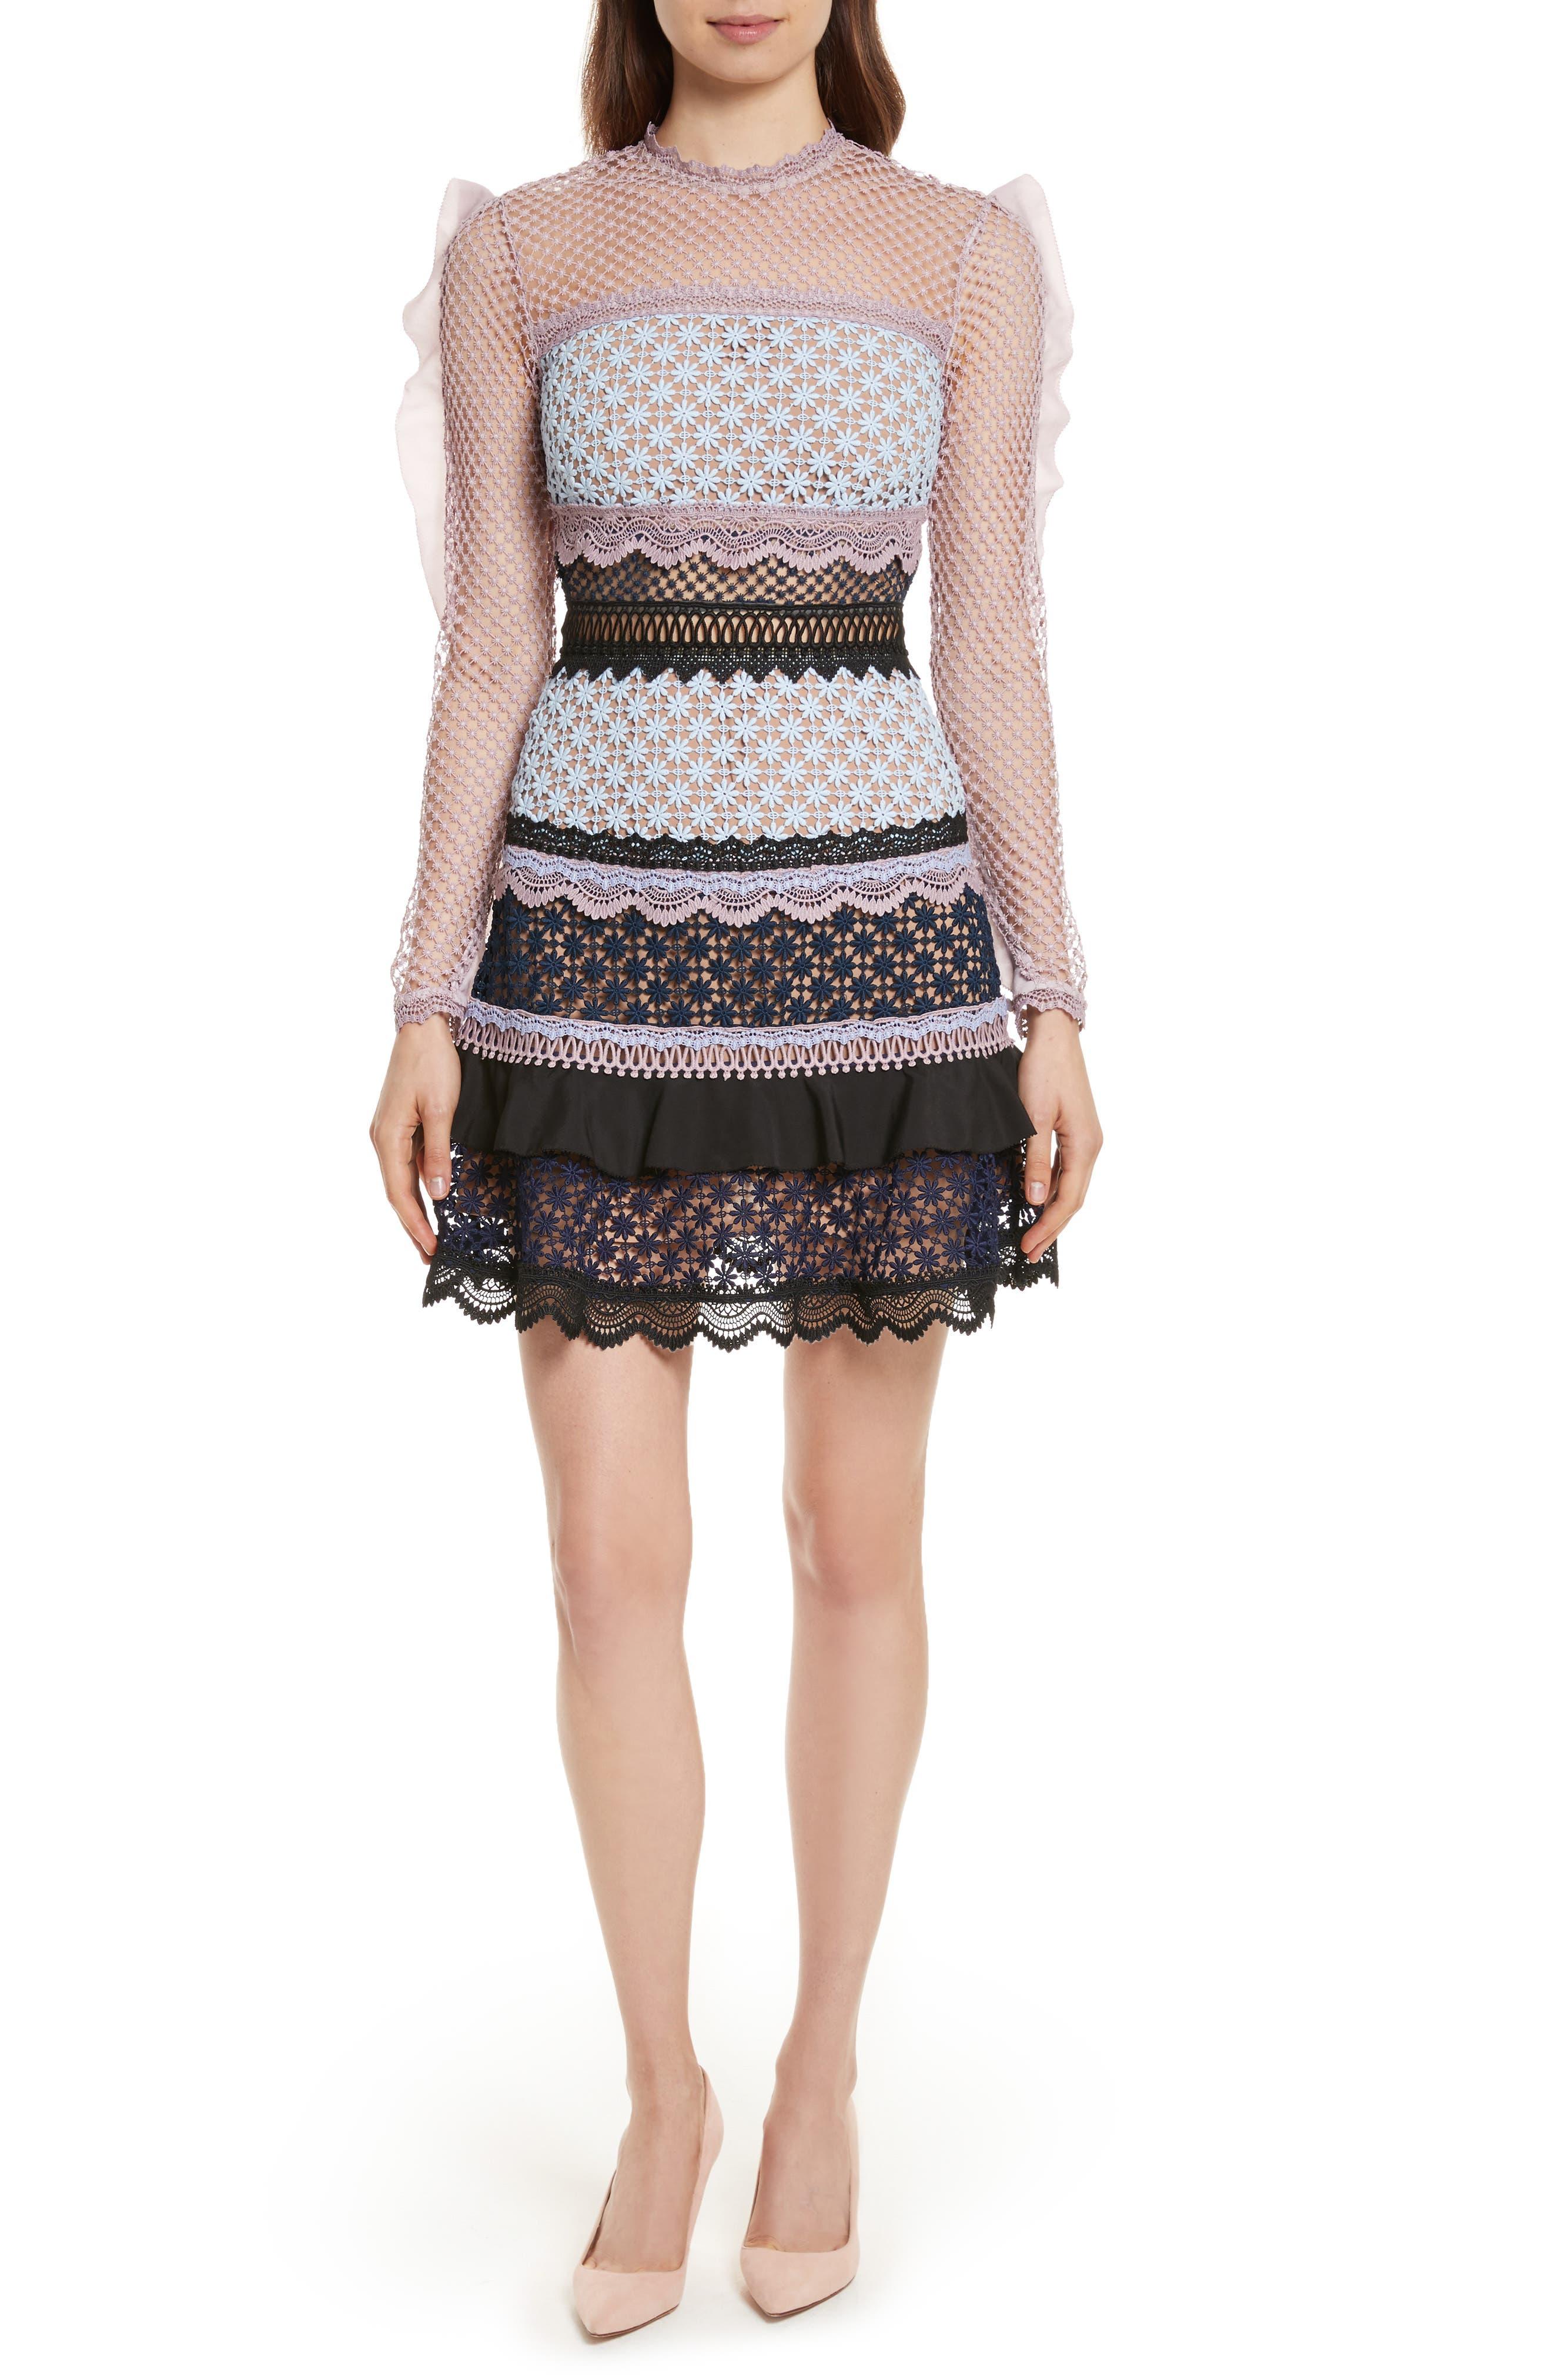 SELF-PORTRAIT Bellis Frill Lace Dress